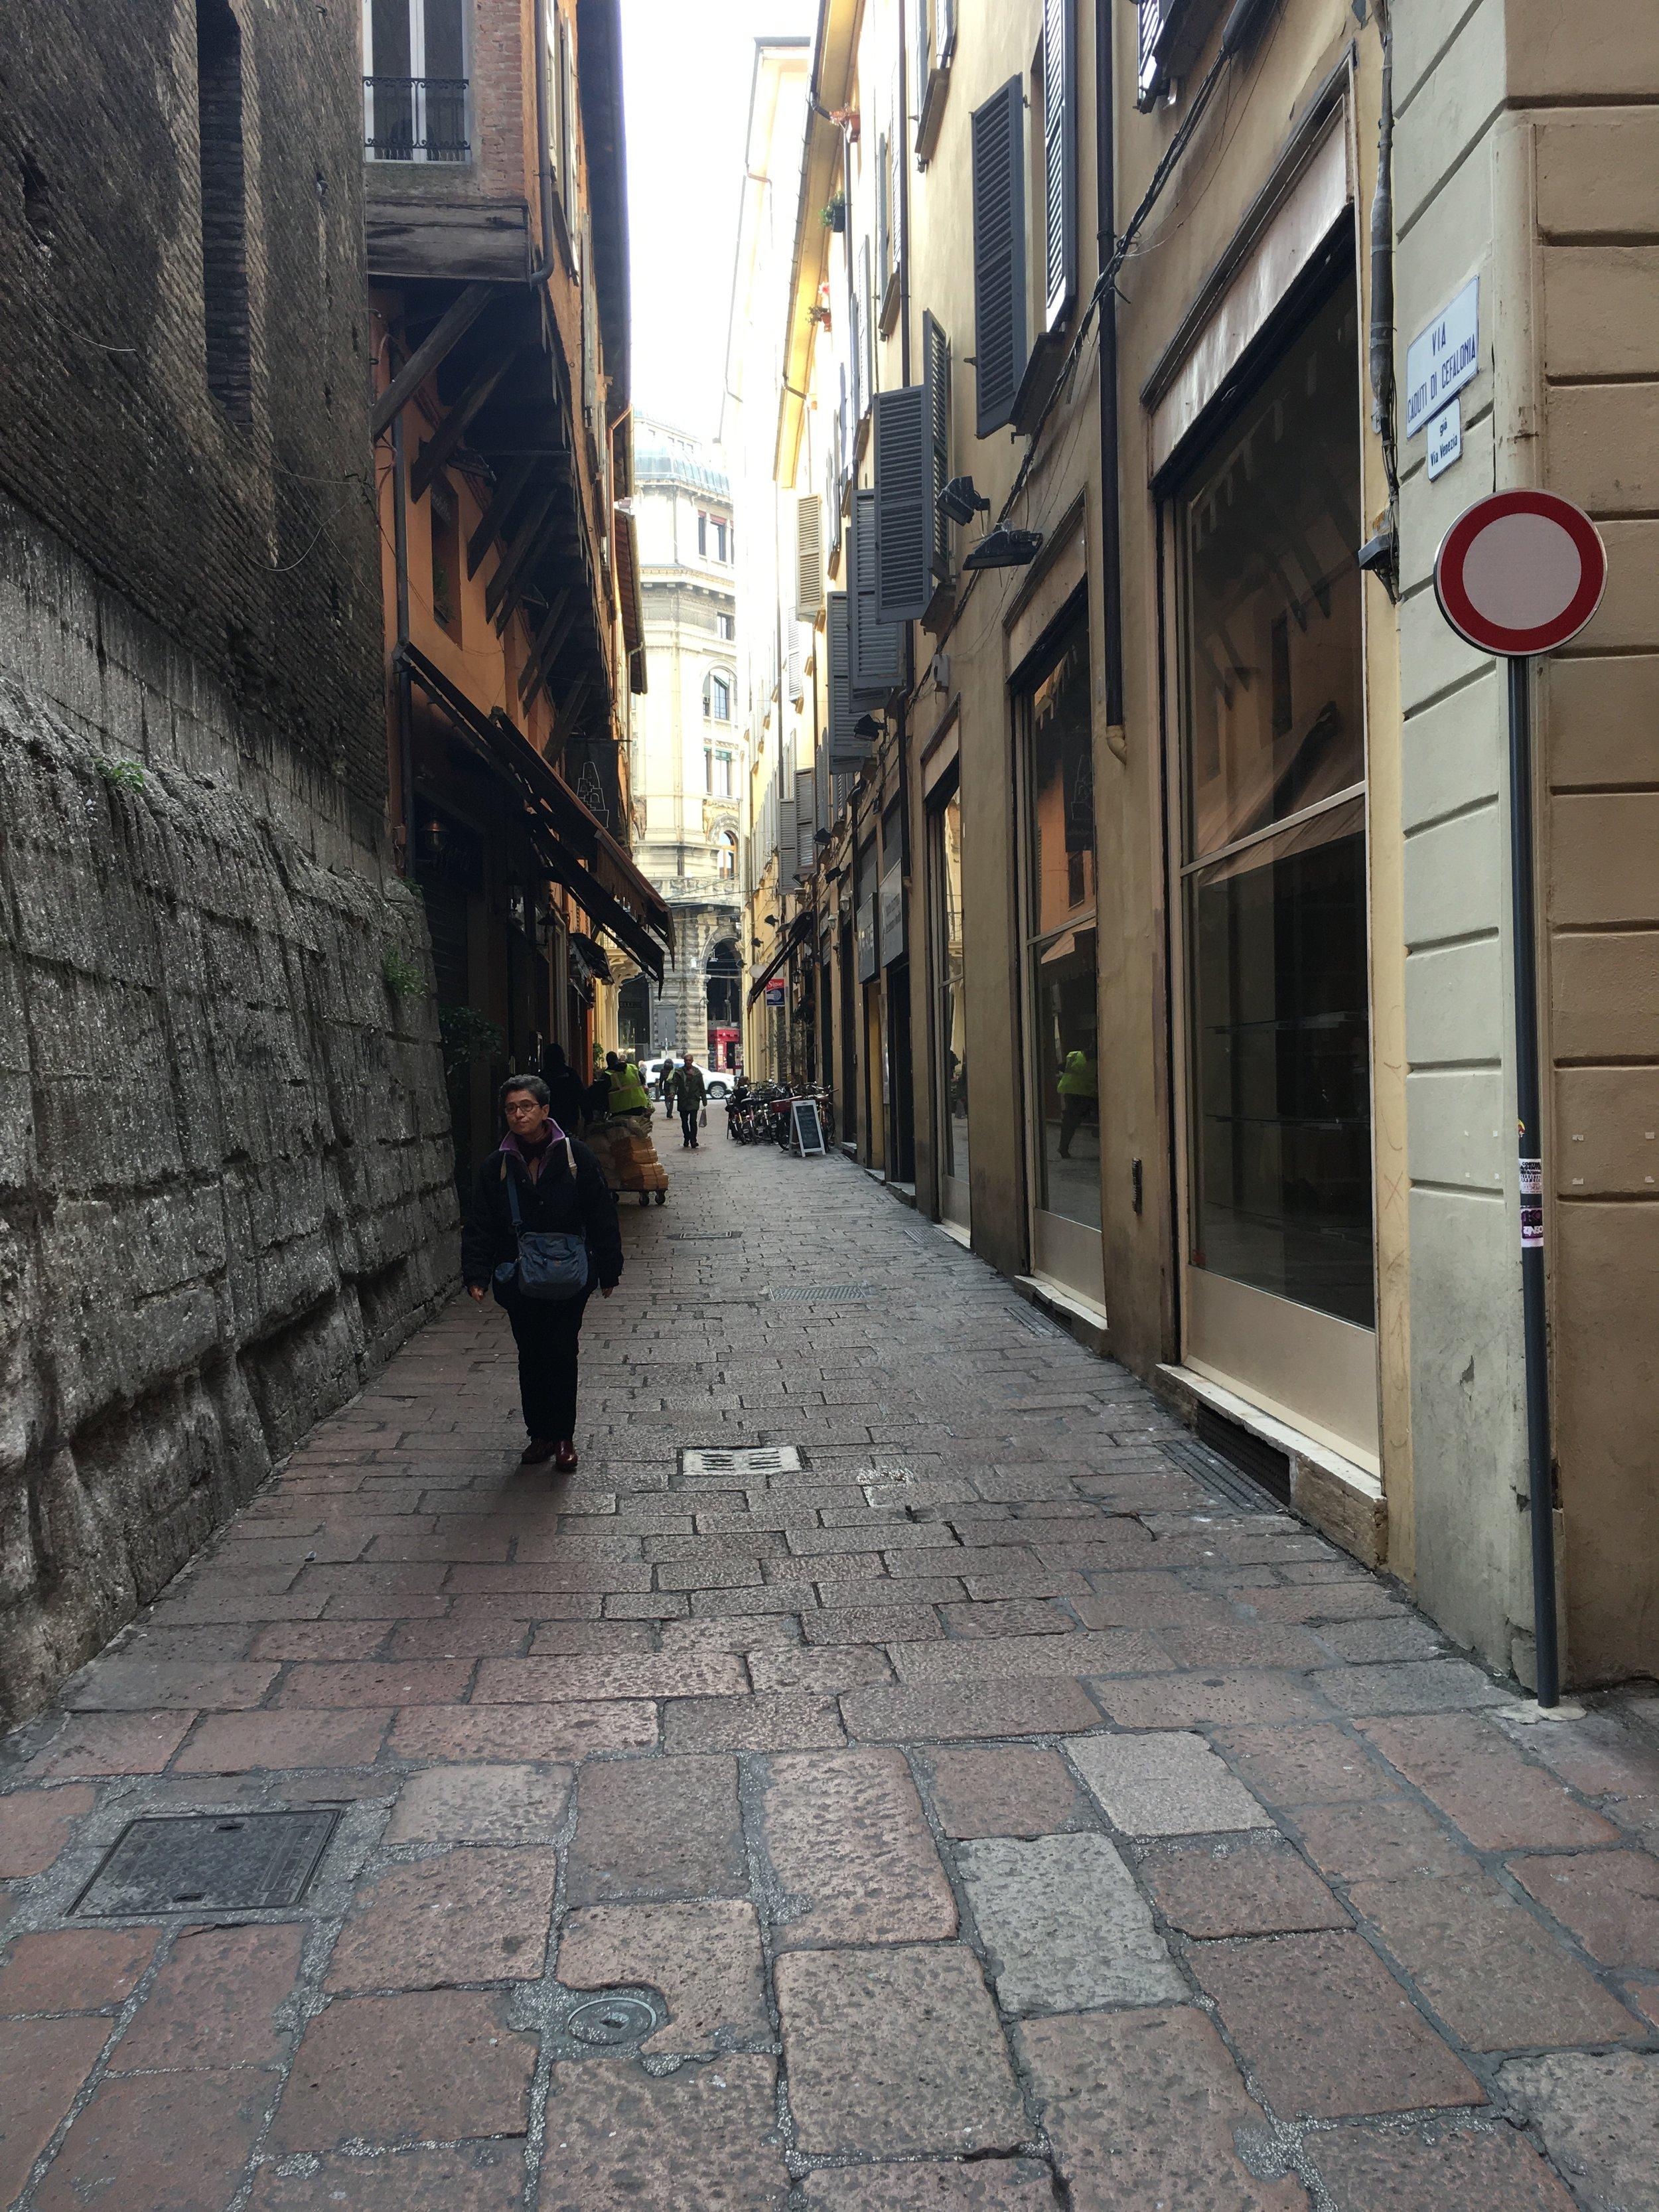 A cada esquina, uma ruazinha te convida a desvendar um novo mundo. Ah, o que eu não faria com um mês pra percorrer esta cidade...